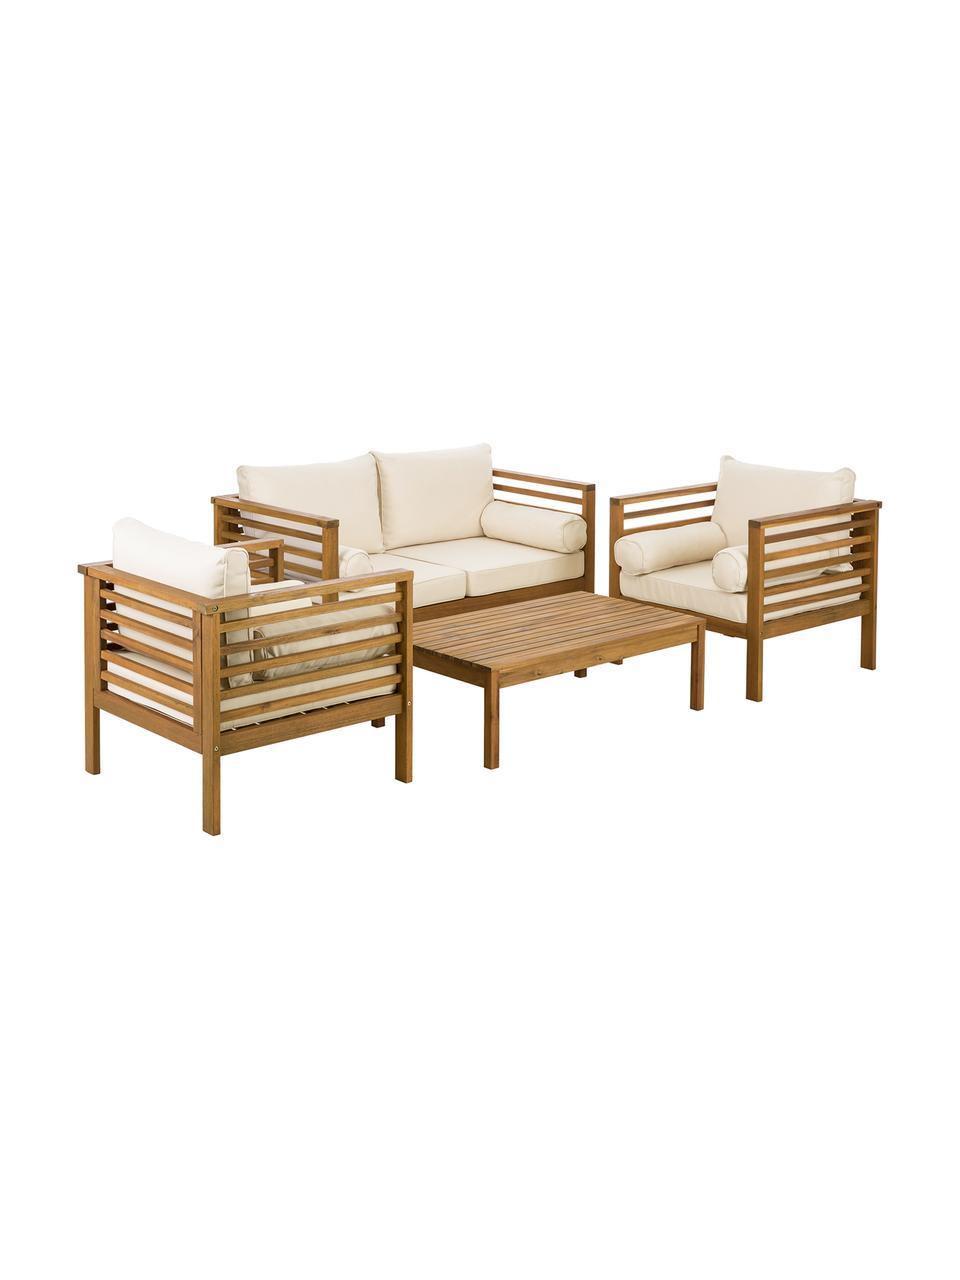 Salon de jardin en boisBo, 4élém., Revêtement: beige Structure: bois d'acacia